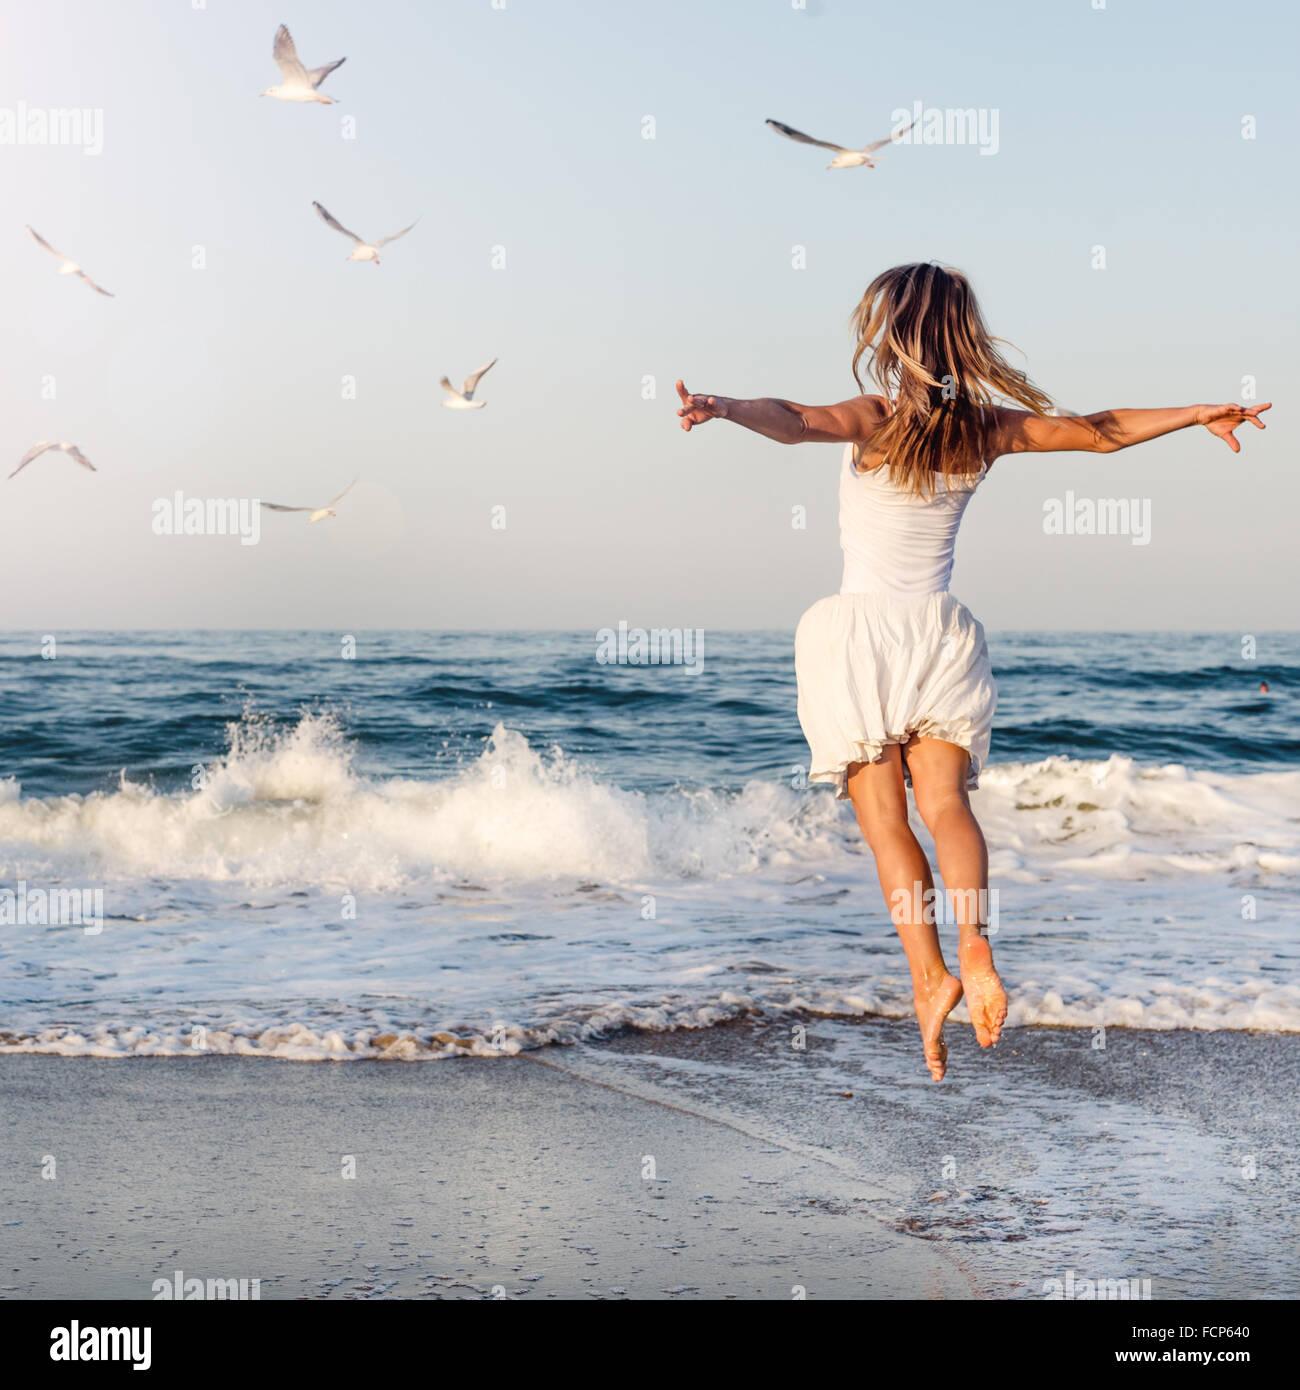 Hermosa niña saltando en el mar Imagen De Stock